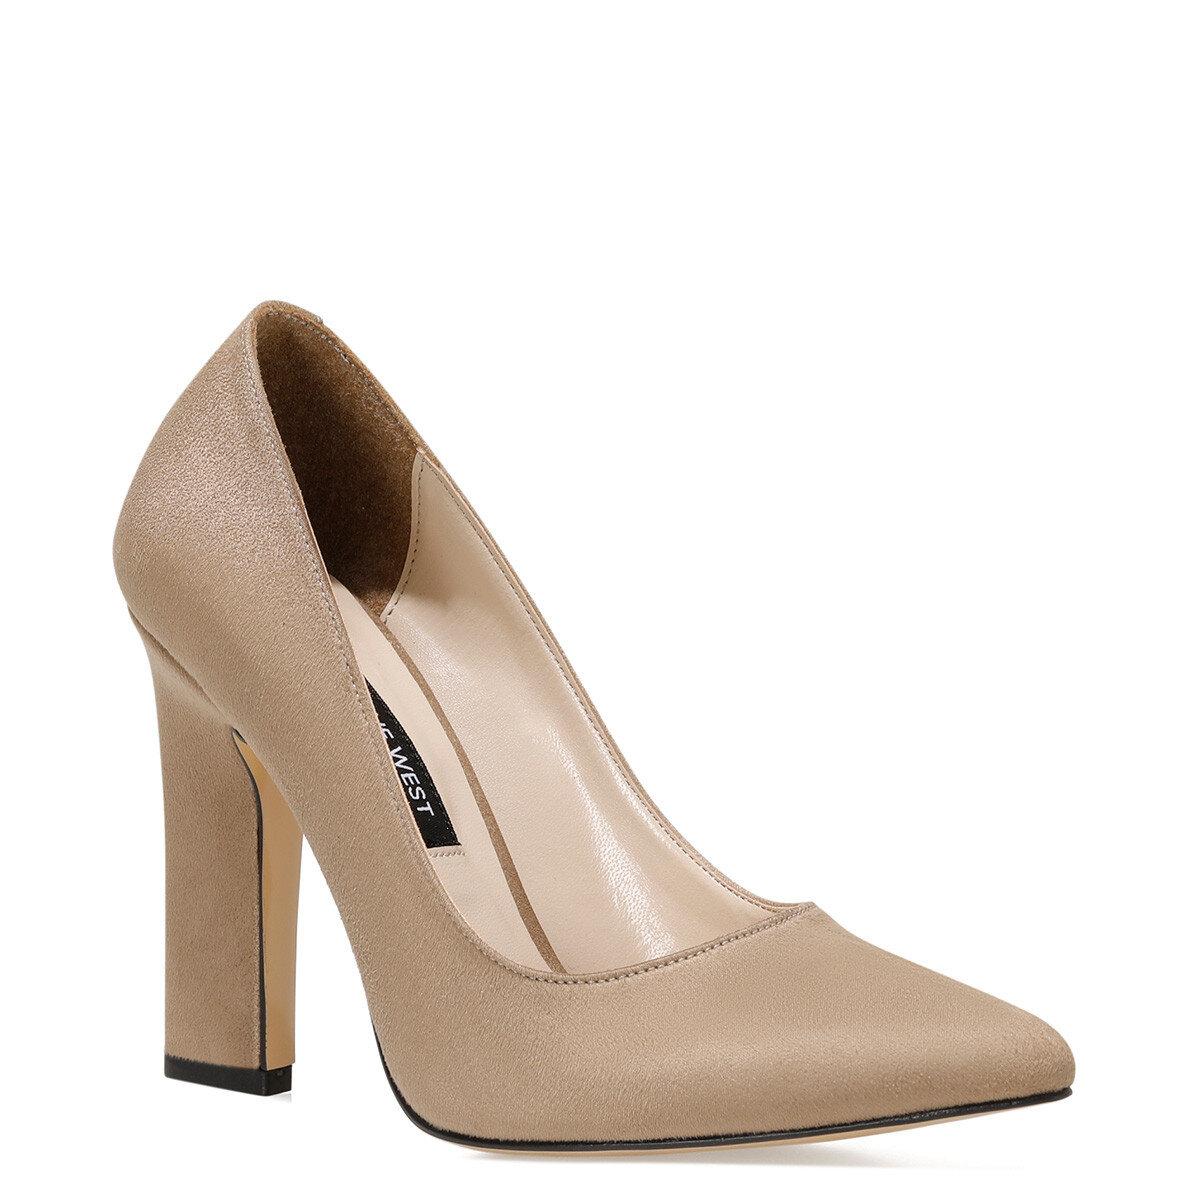 FLAMUR Vizon Kadın Topuklu Ayakkabı